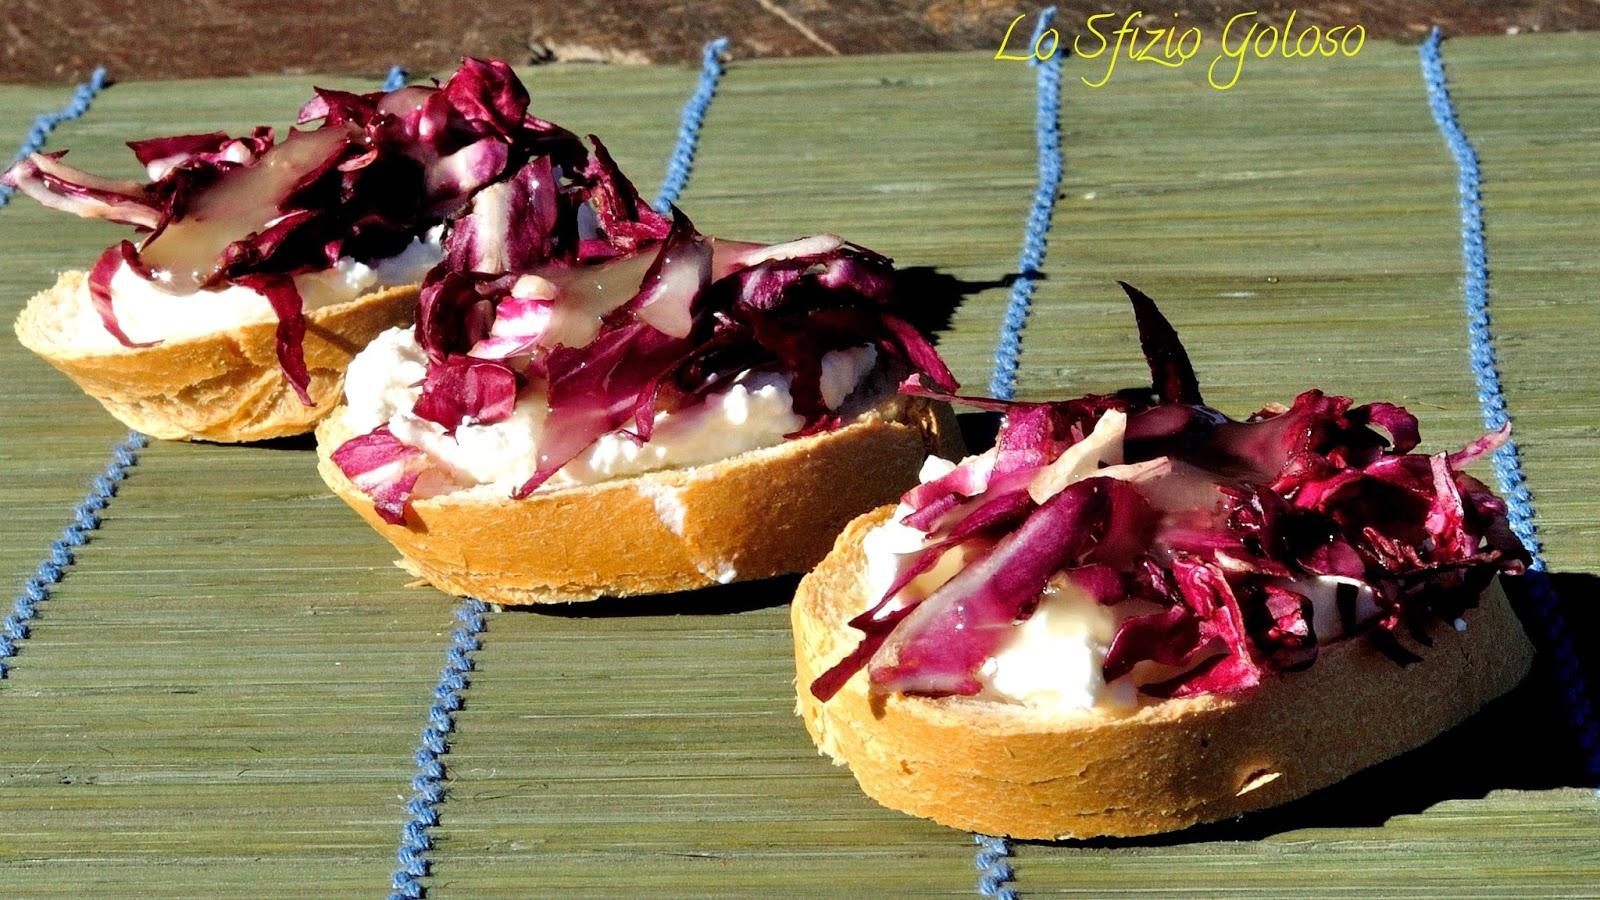 crostini con crema di ricotta, radicchio rosso e miele